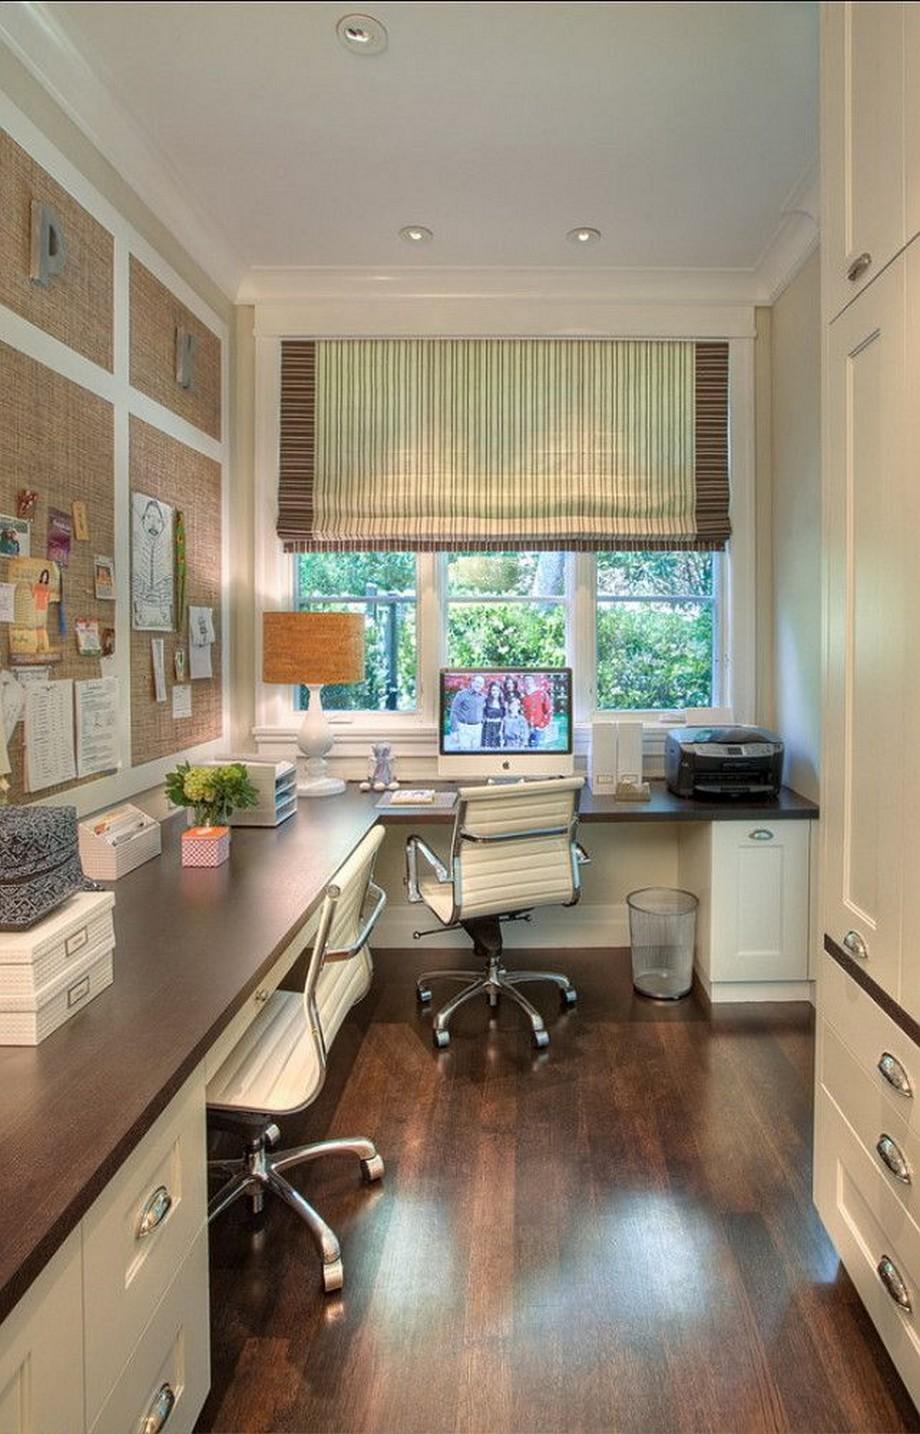 Thiết kế nội thất văn phòng siêu nhỏ với bàn làm việc hình chữ L, bàn làm việc có ngăn và một chiếc tủ tài liệu bố trí phía đối diện, trên tường treo giấy note